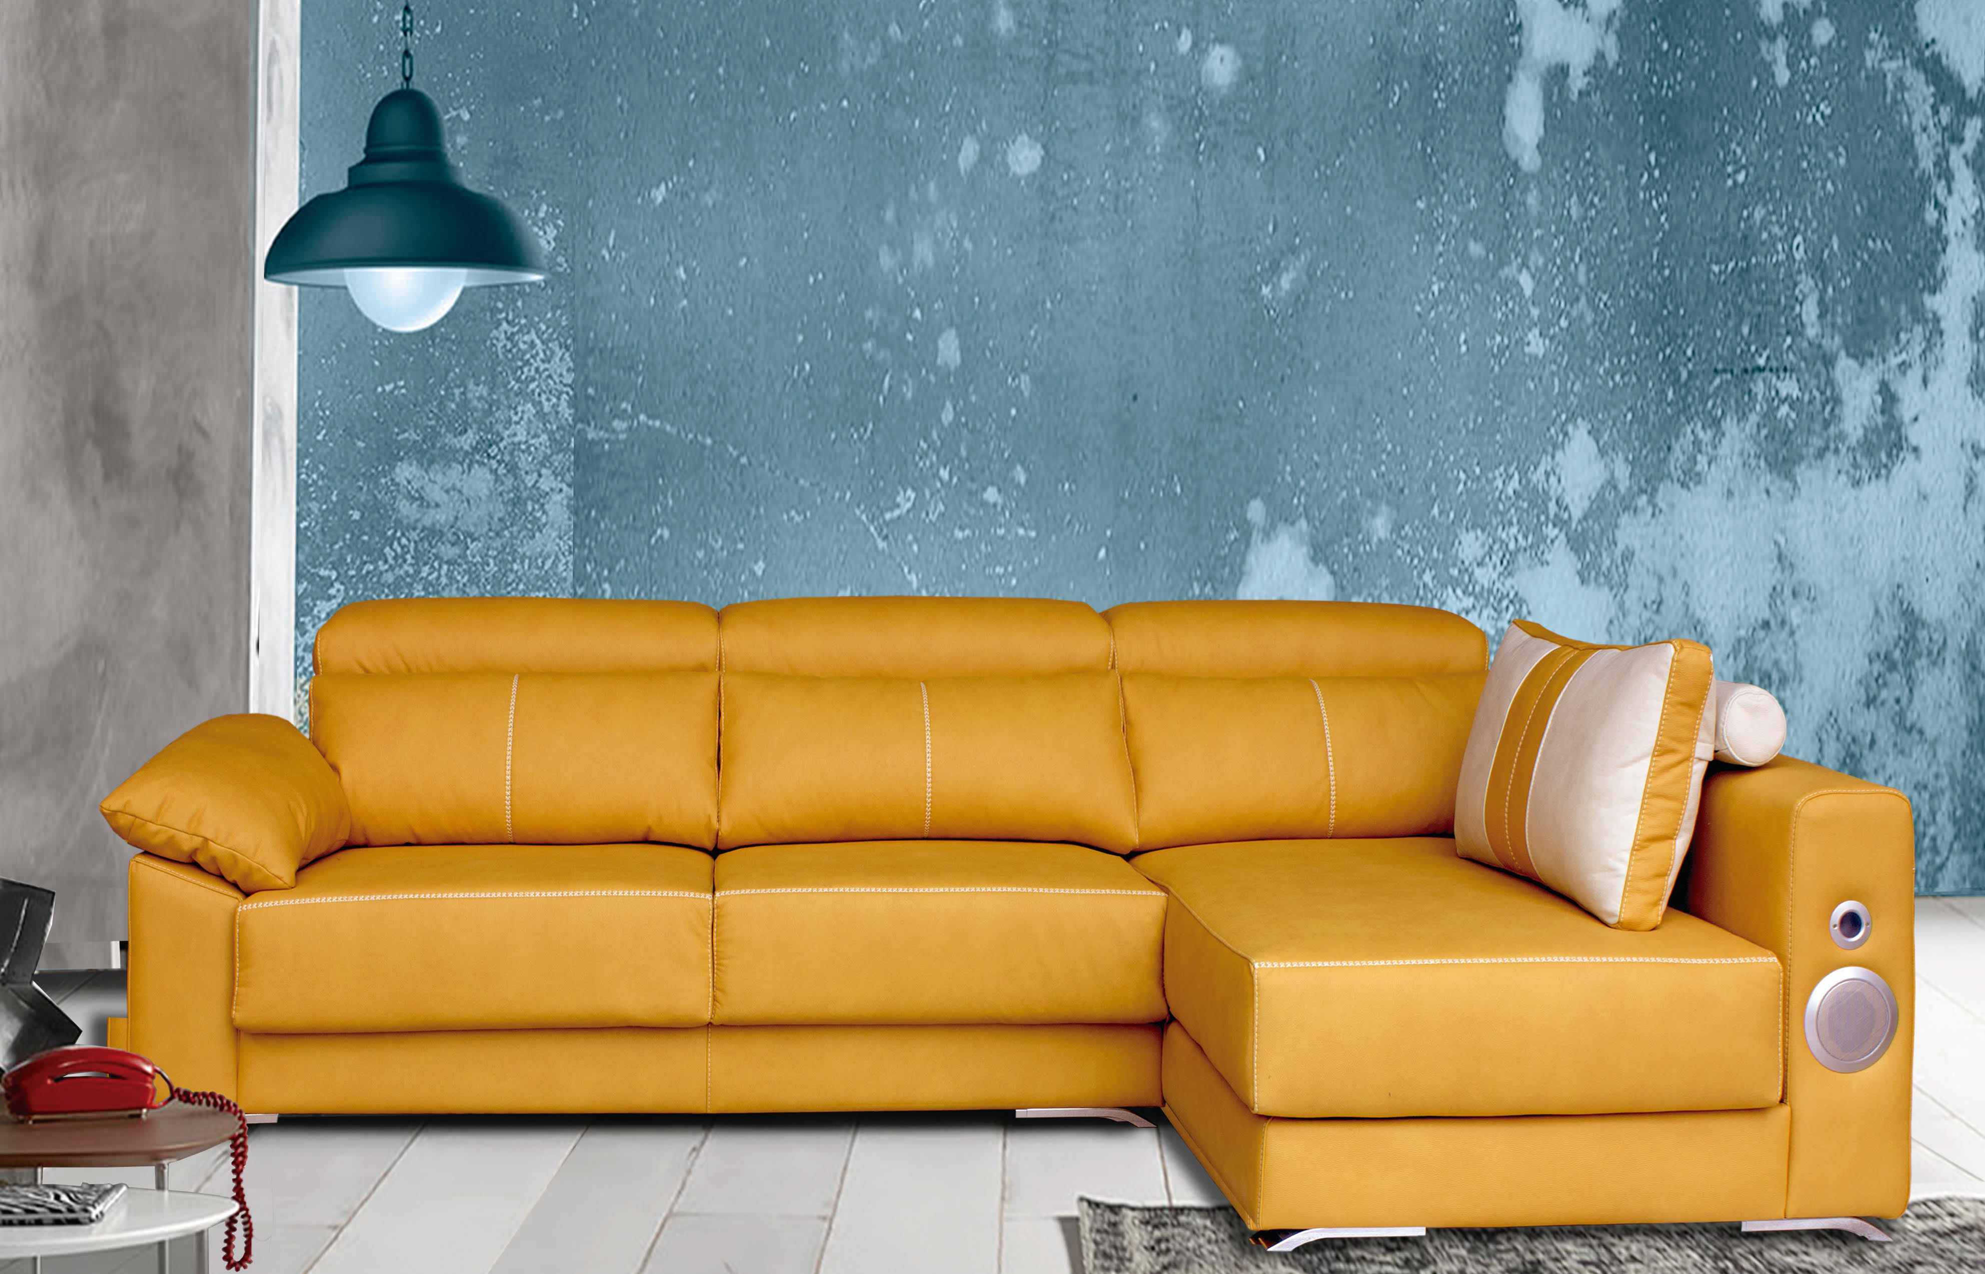 Sof chaisse longue tela anti manchas de regalo muebles for Sofas chaise longue ofertas